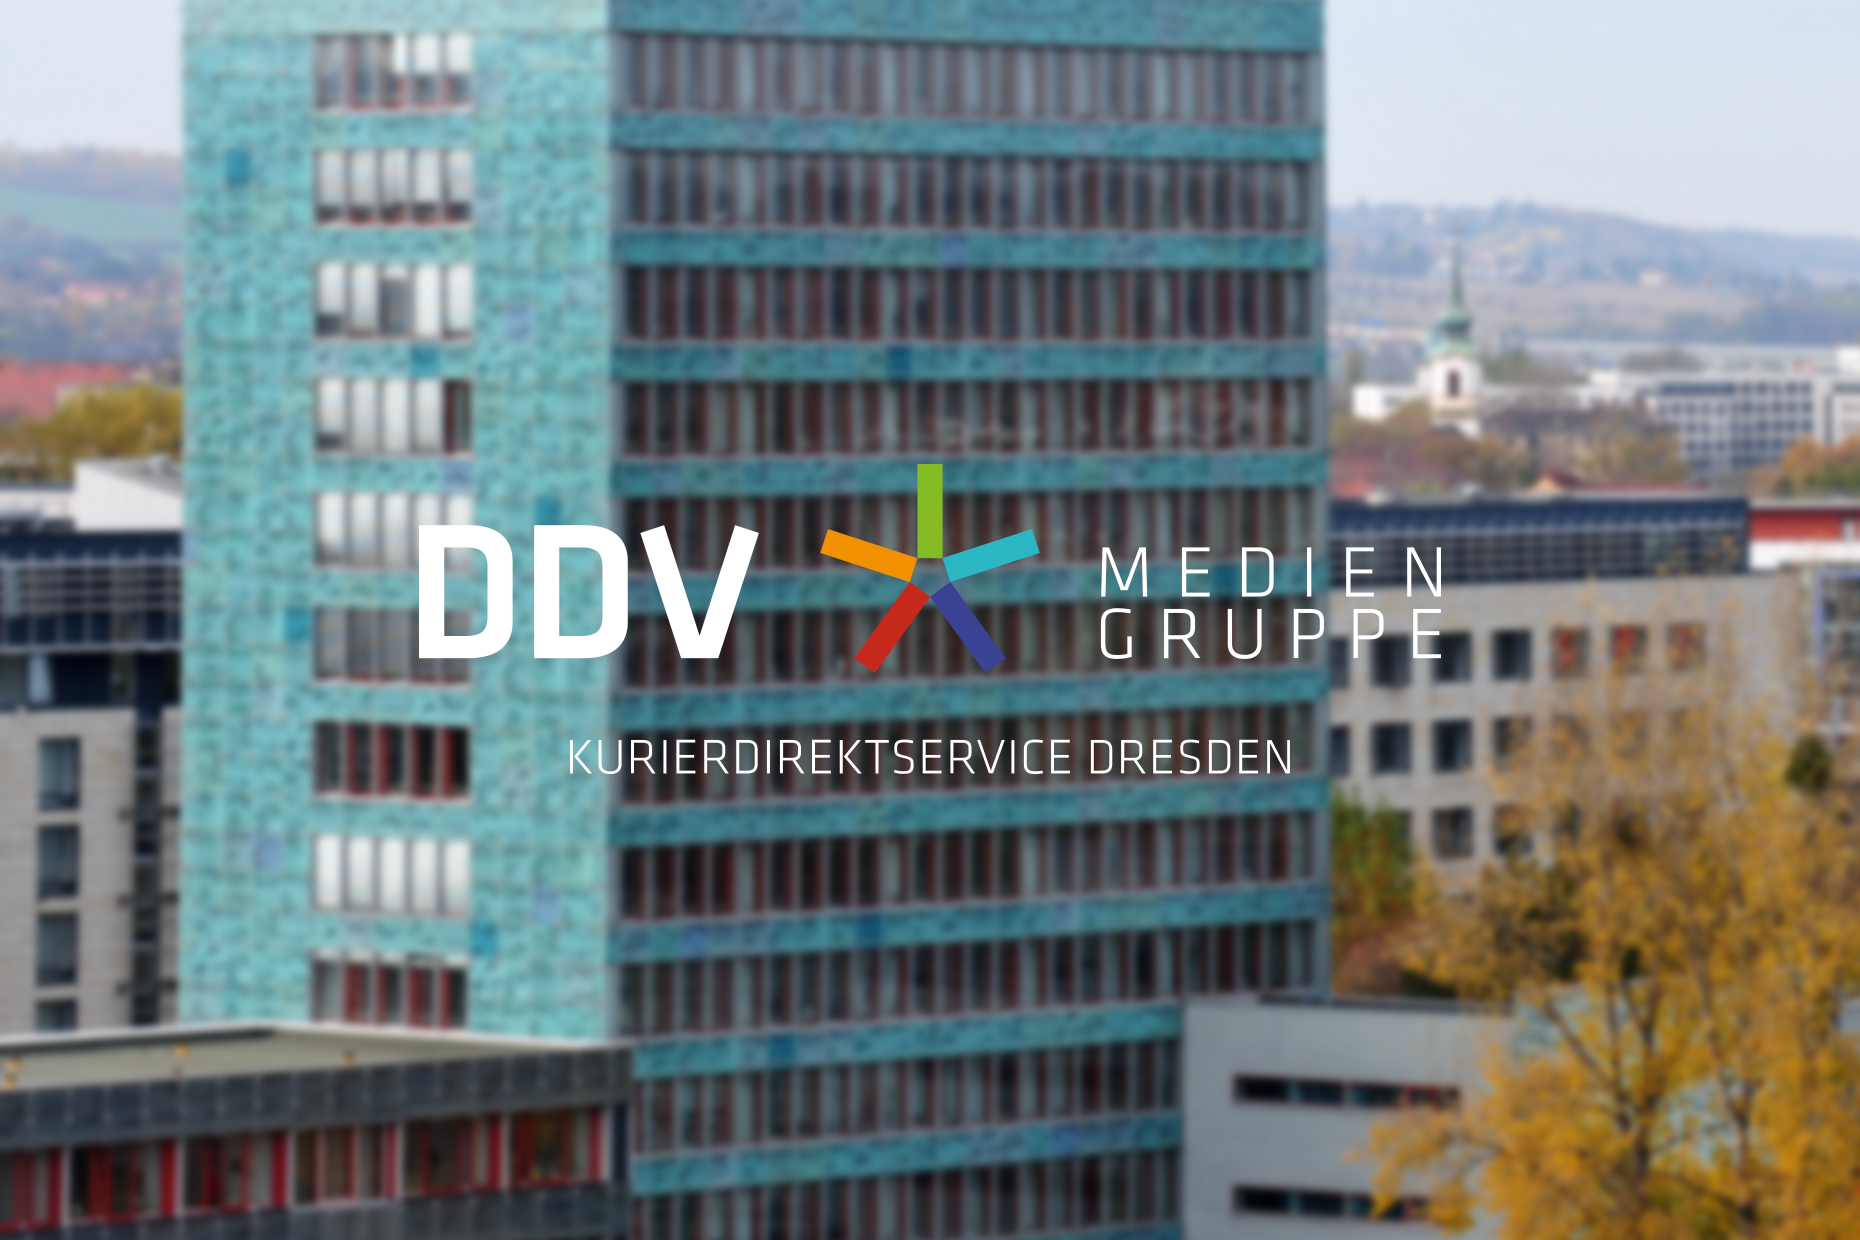 DDV Mediengruppe Cover - Büro Benedickt